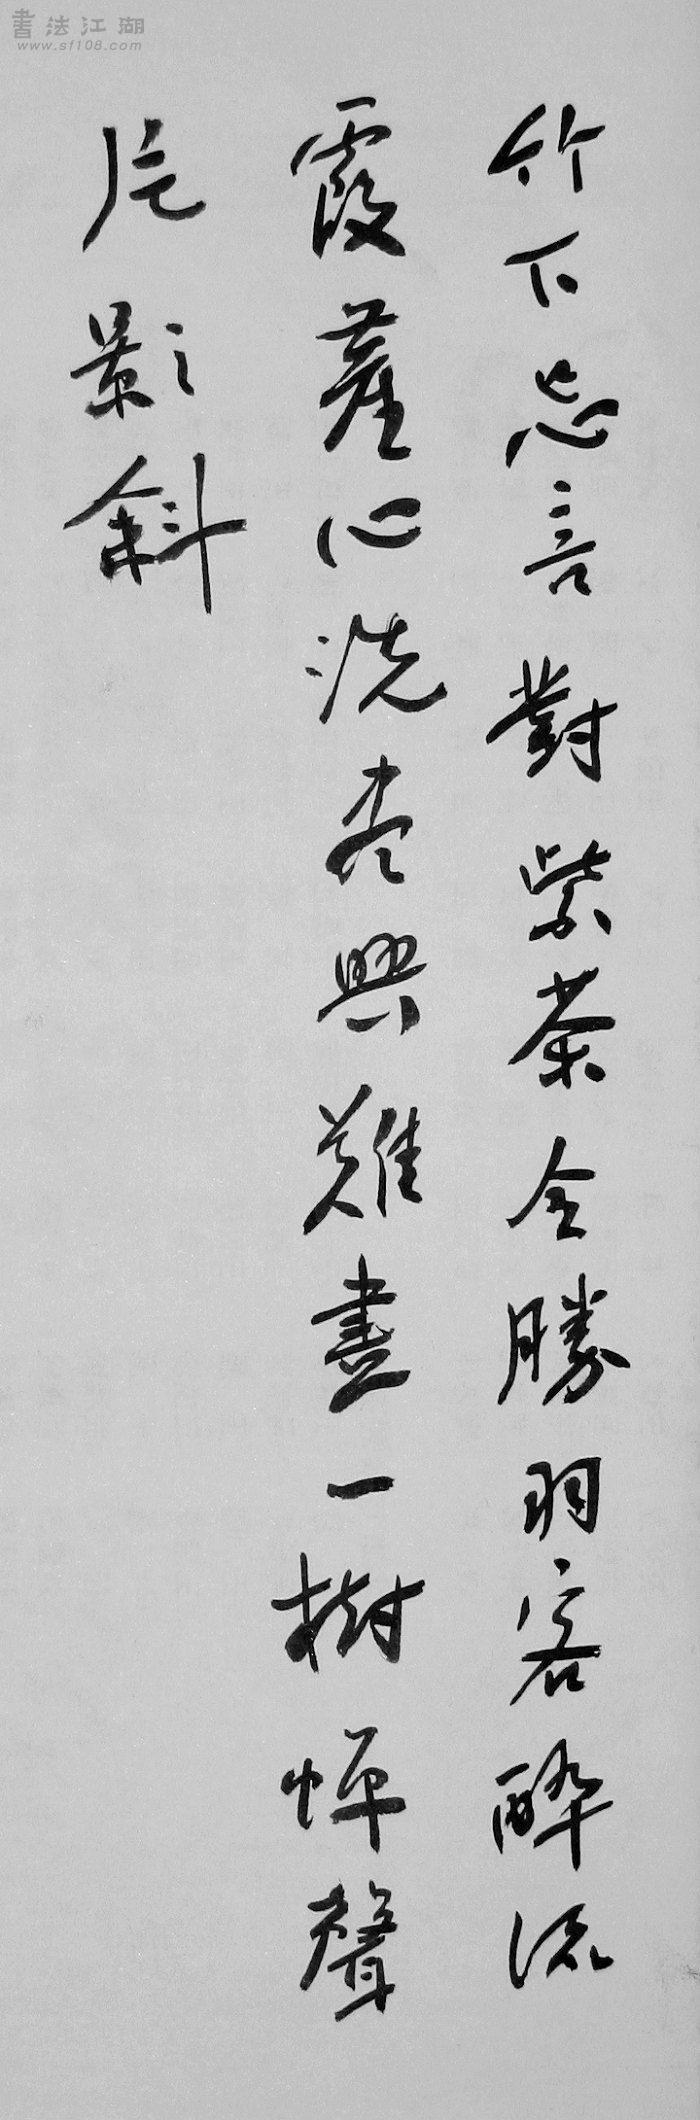 小行书01-2.jpg